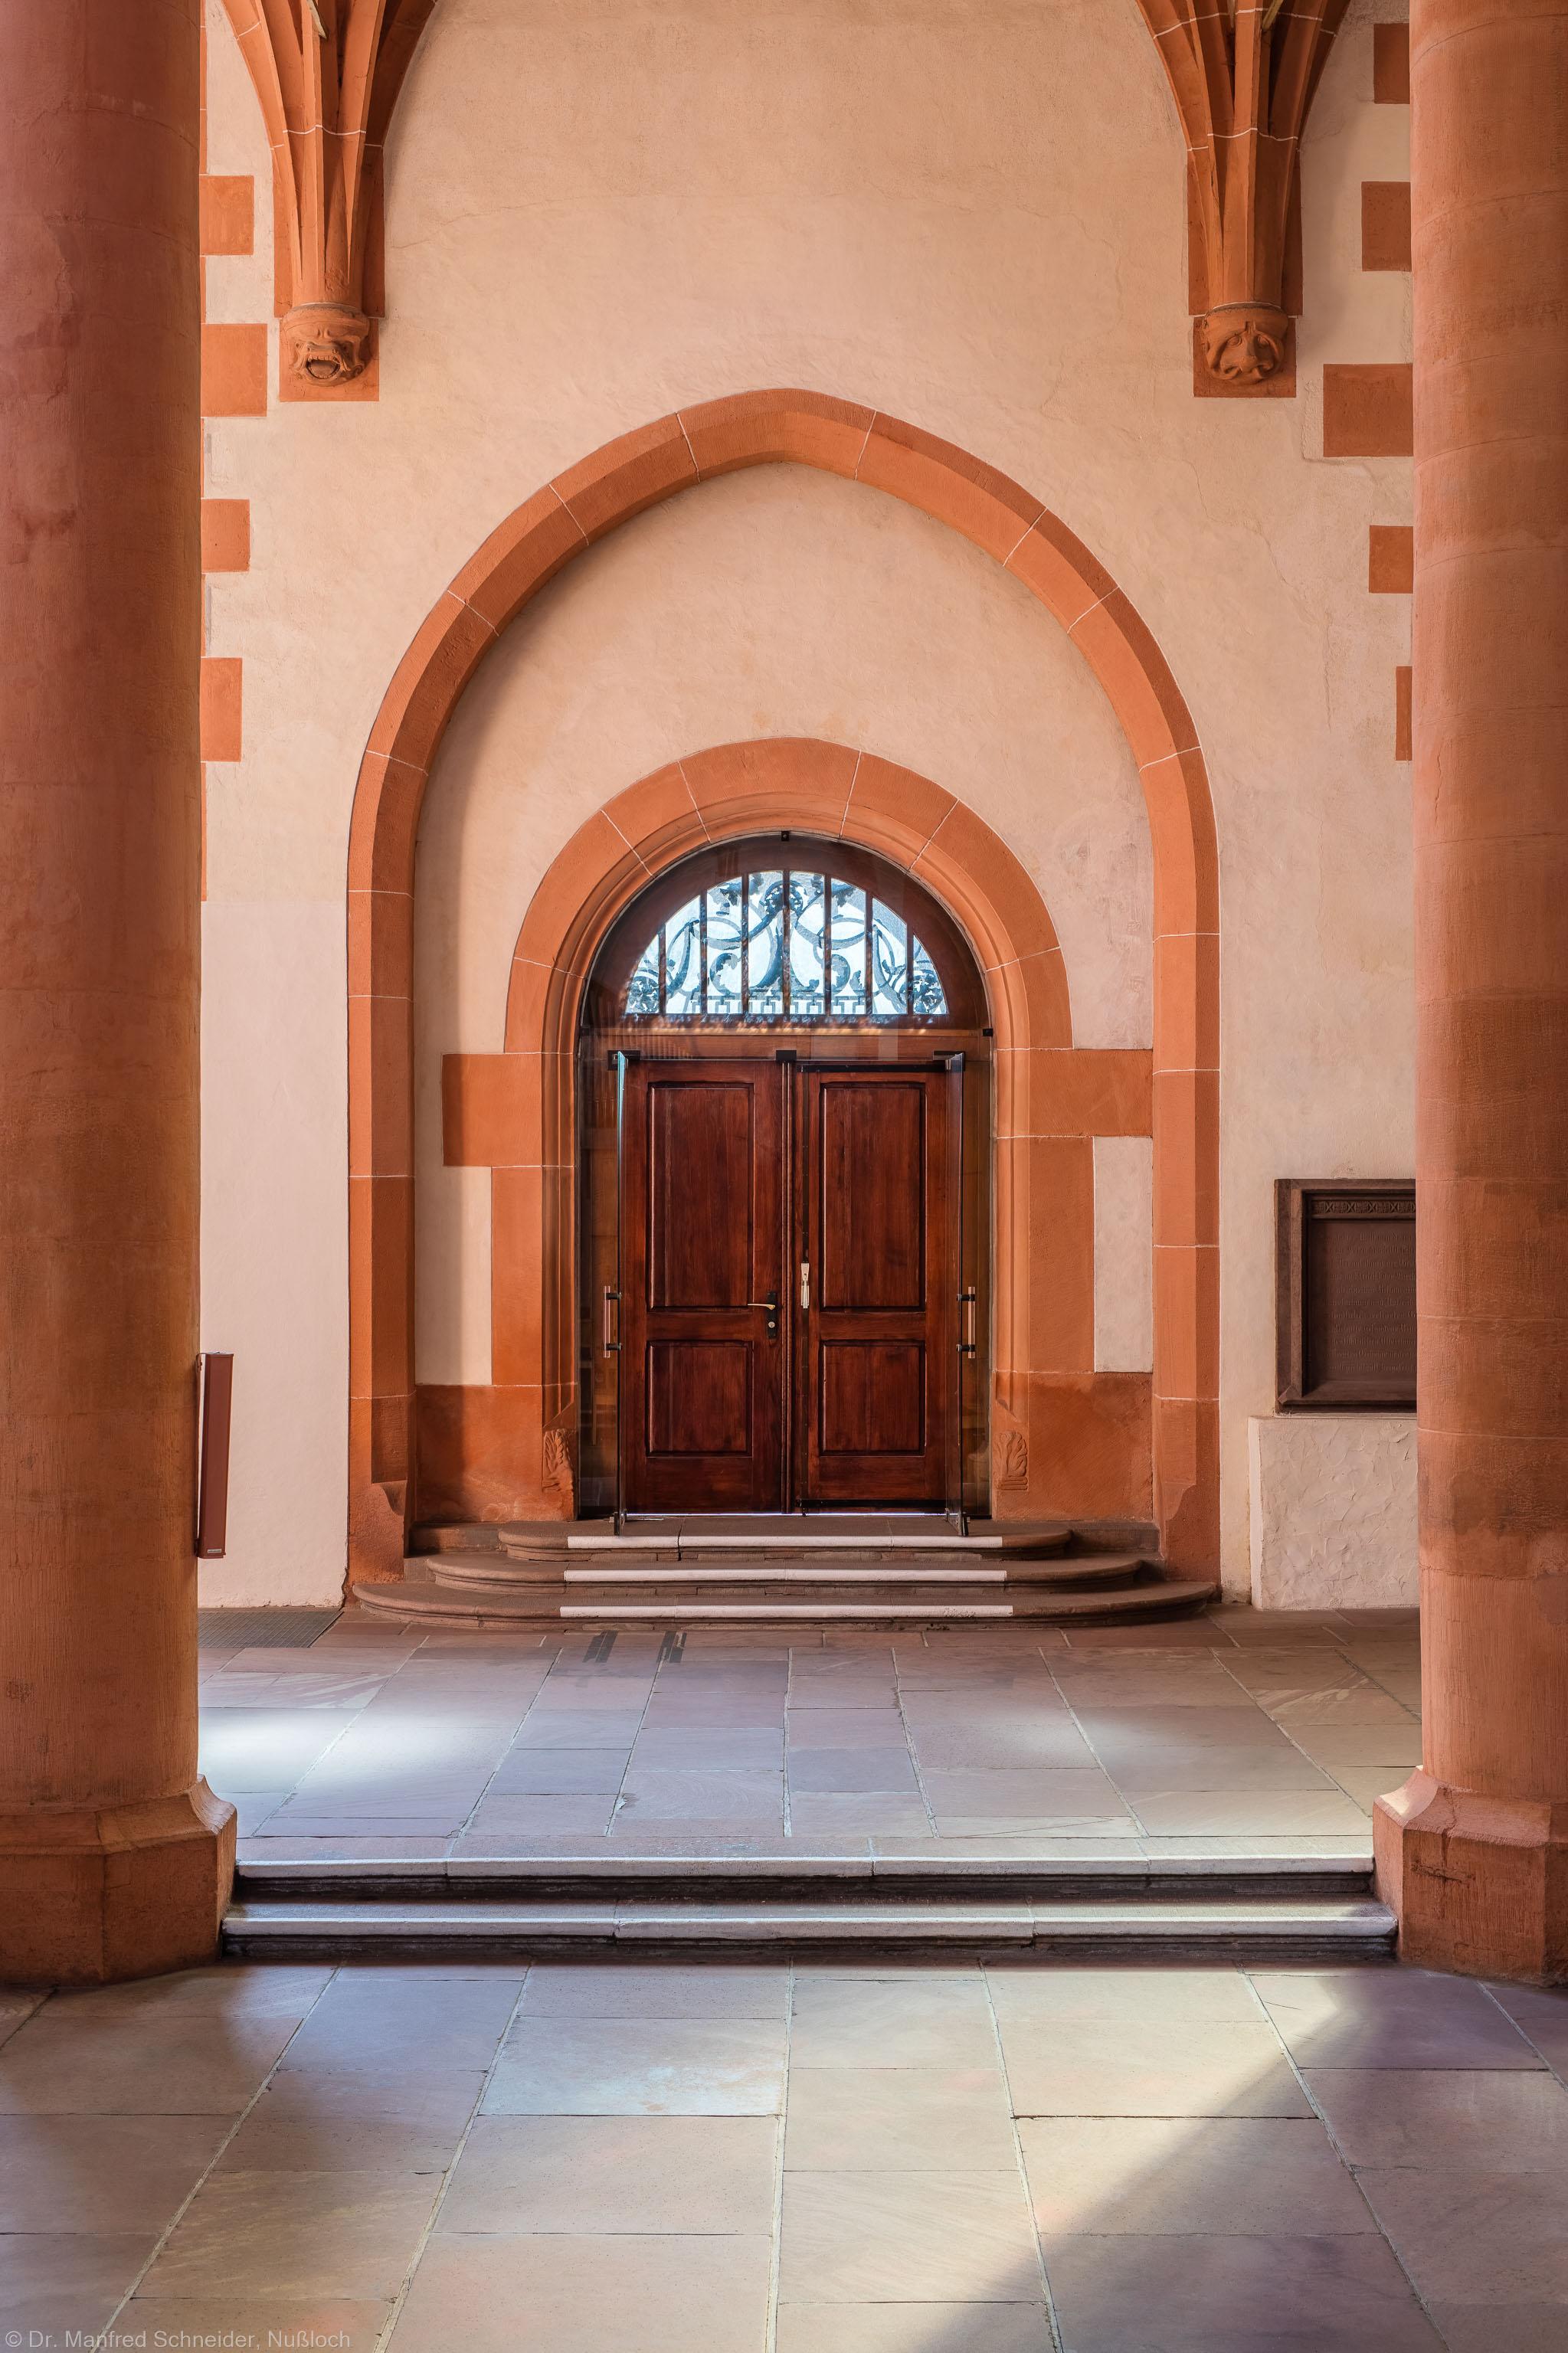 Heidelberg - Heiliggeistkirche - Südseite - Mittleres Südportal (aufgenommen im Oktober 2015, am Nachmittag)